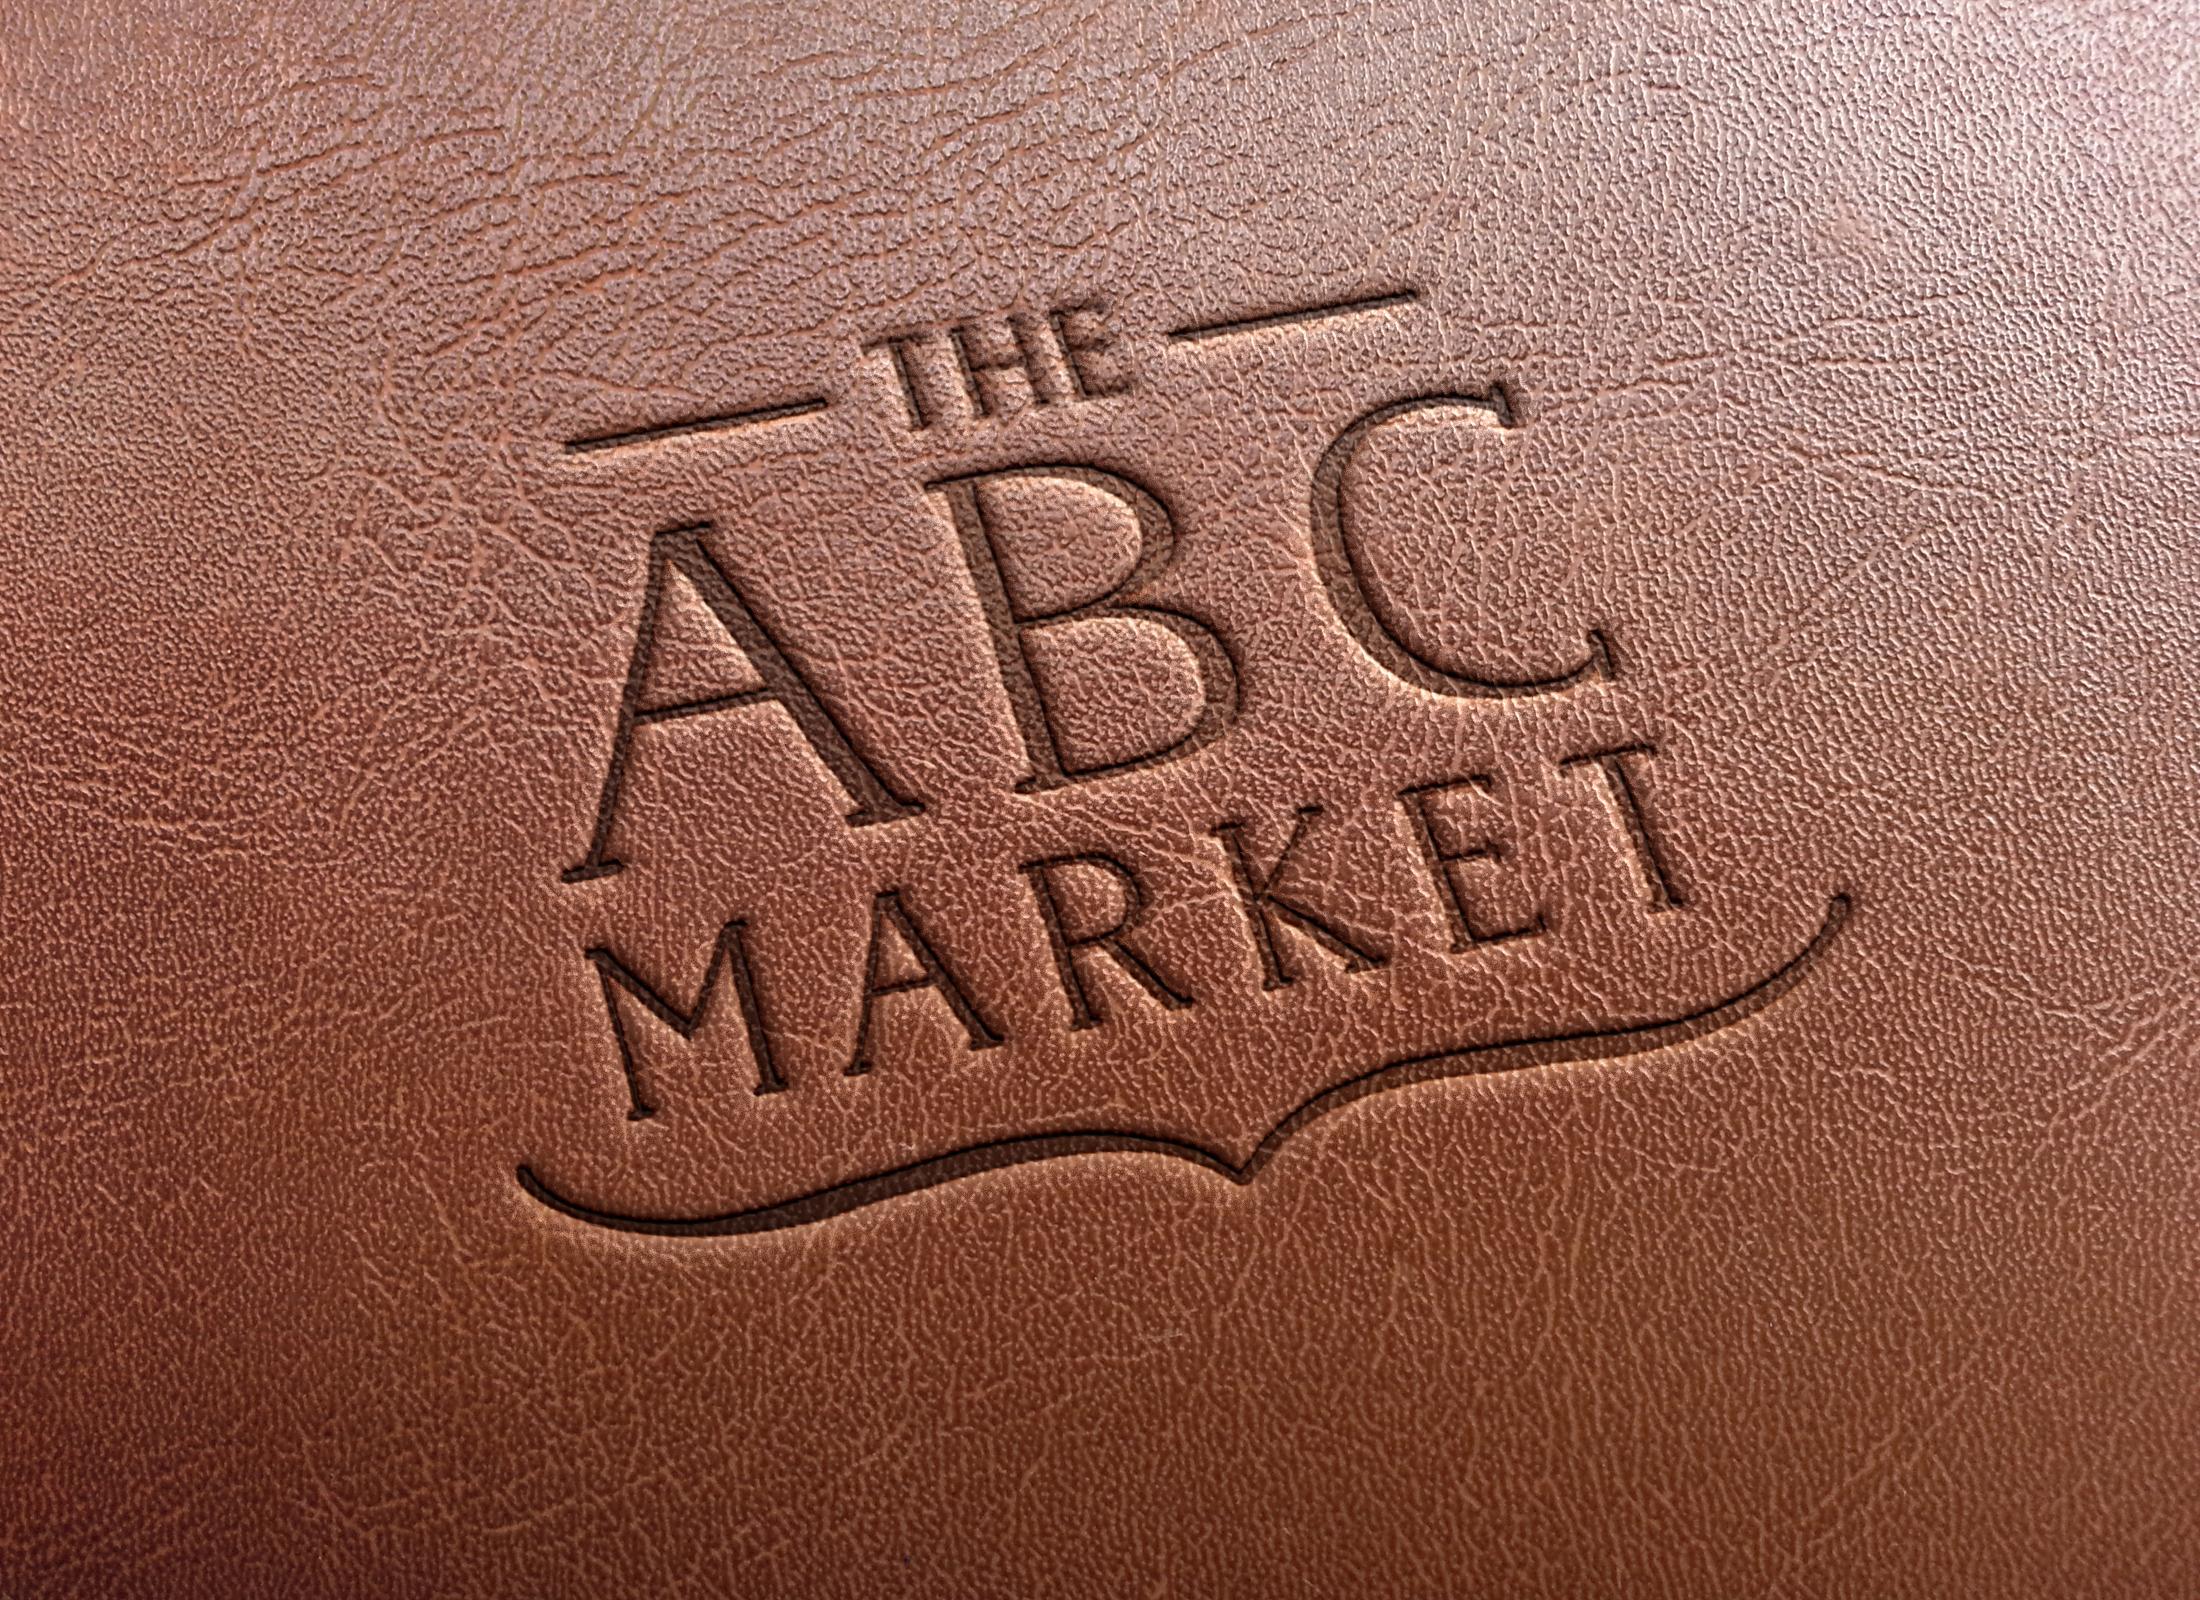 abcmarket_leathermockup.jpg